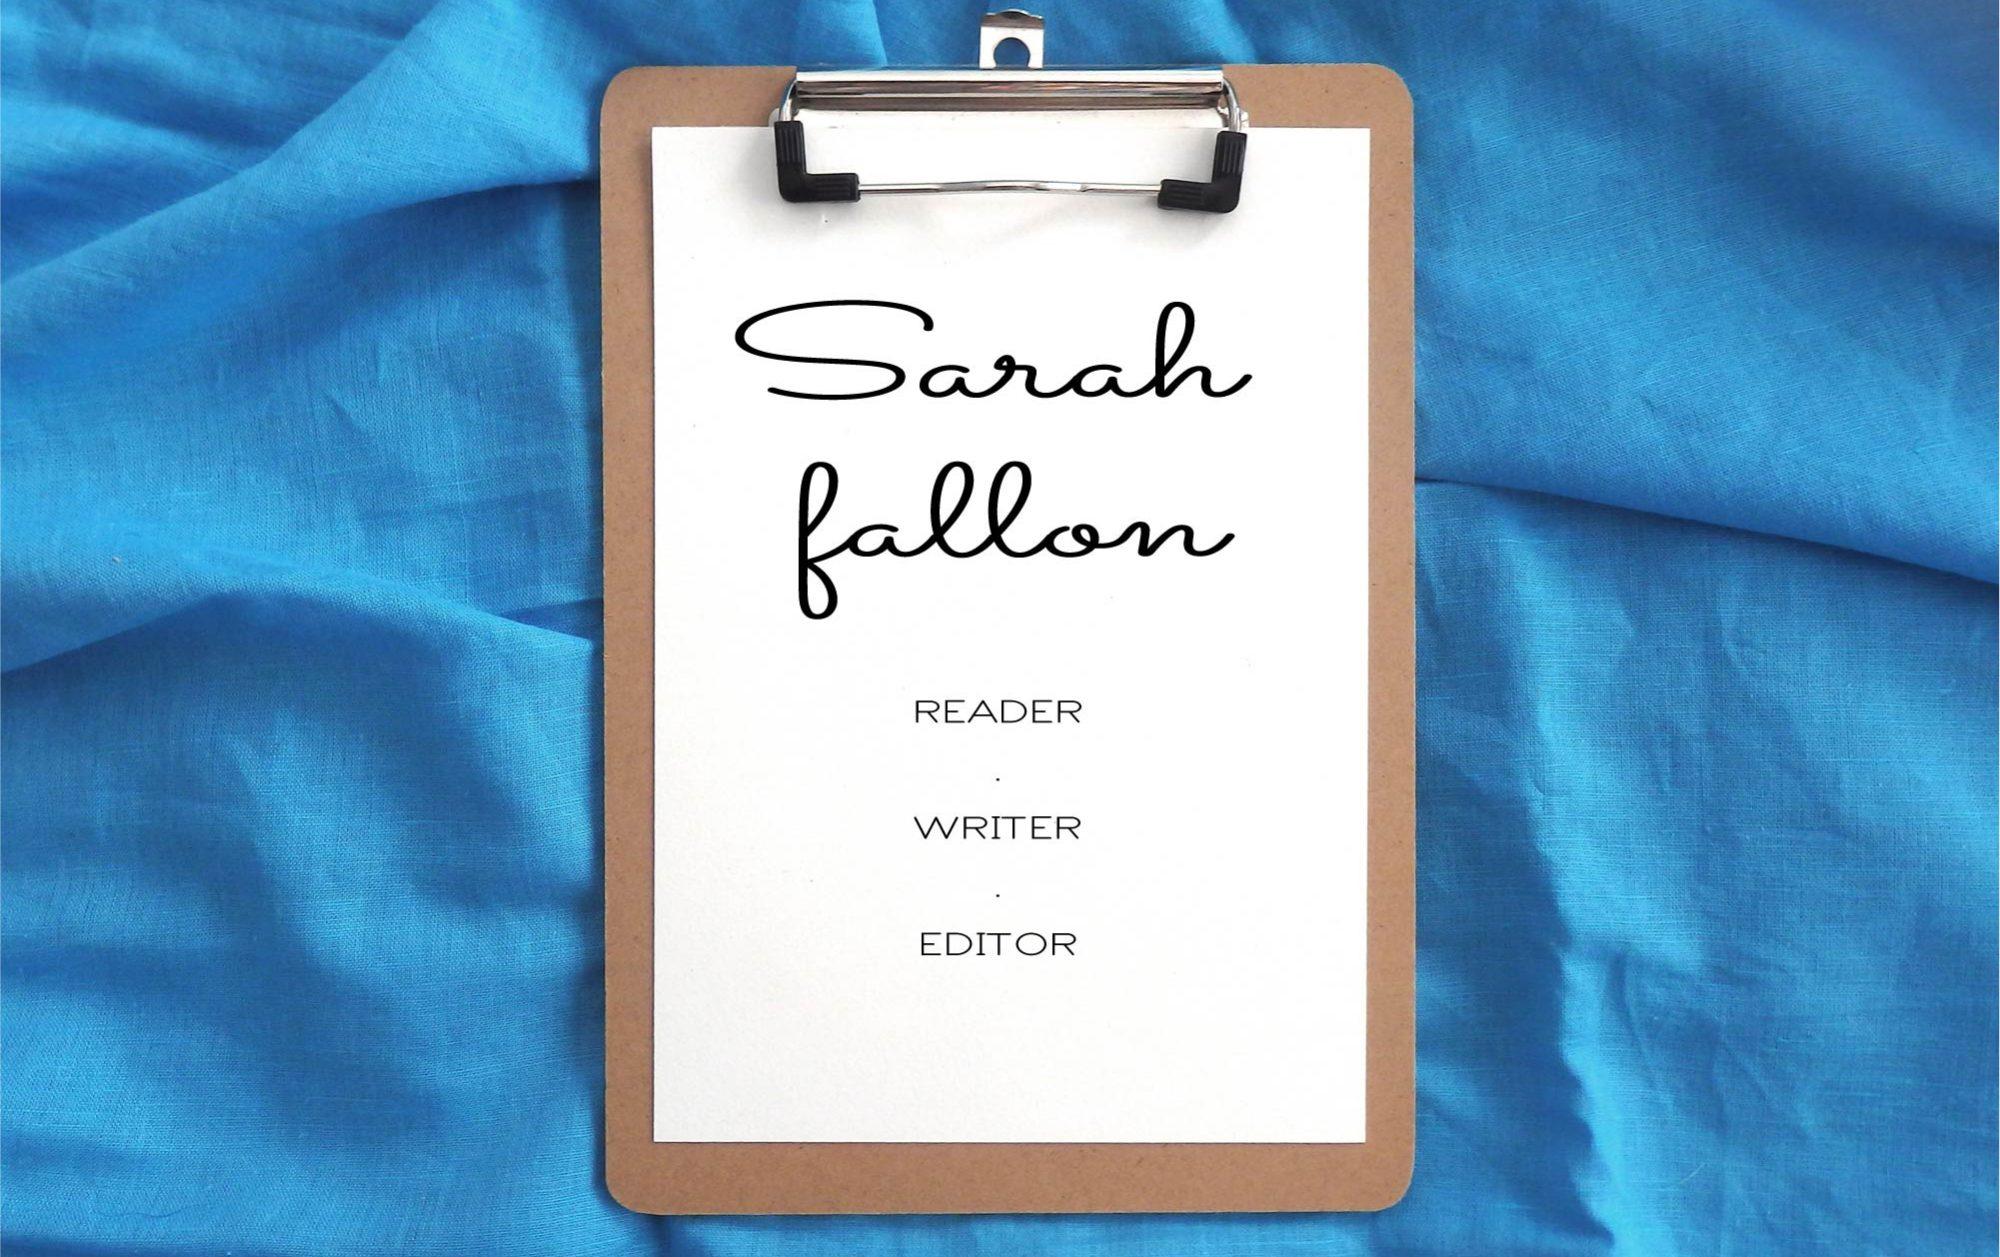 Sarah fallon